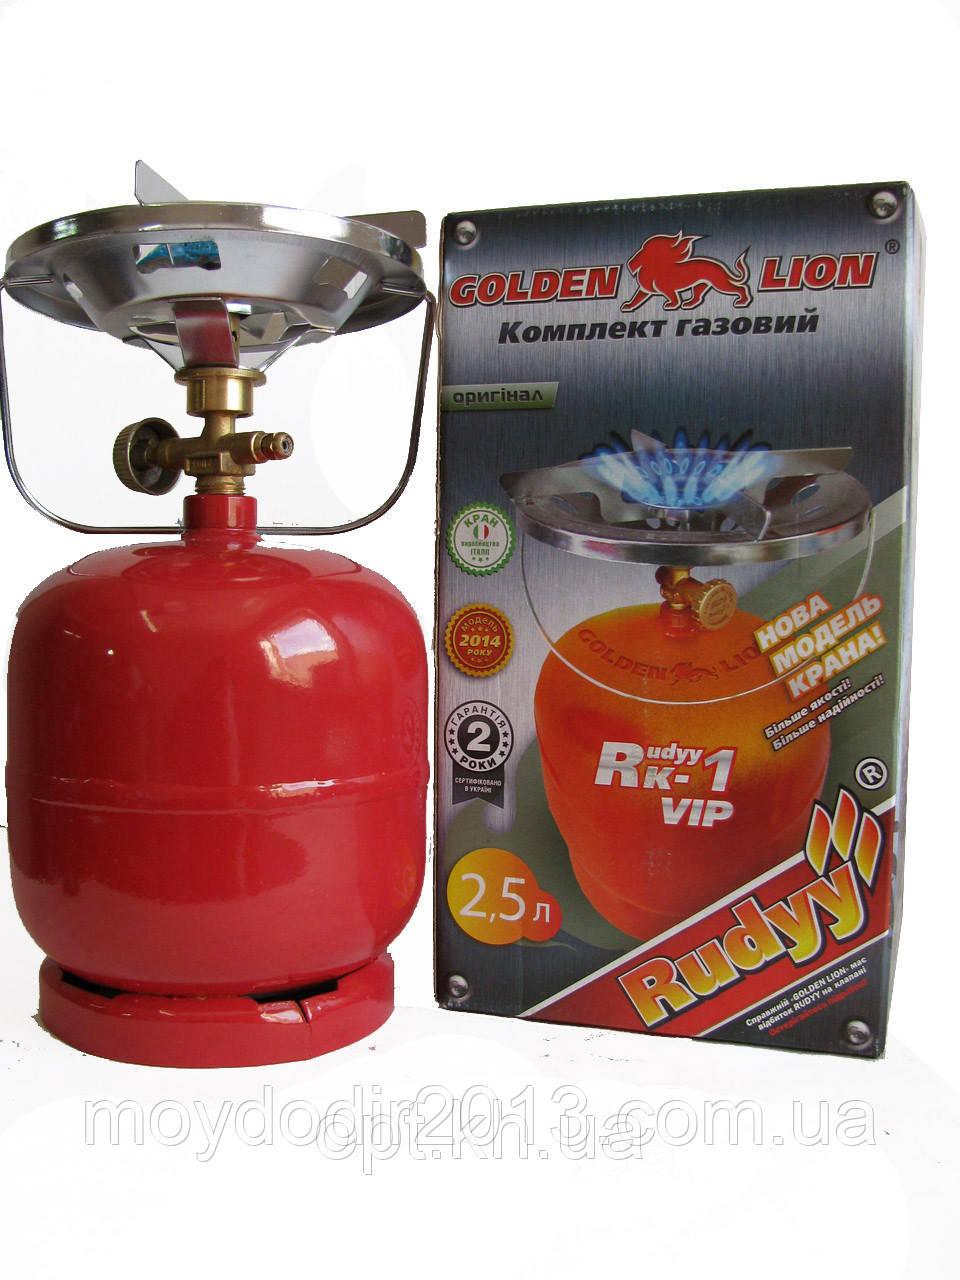 яичники: что туристическая газовая горелка с балоном комплект купить капот ВАЗ